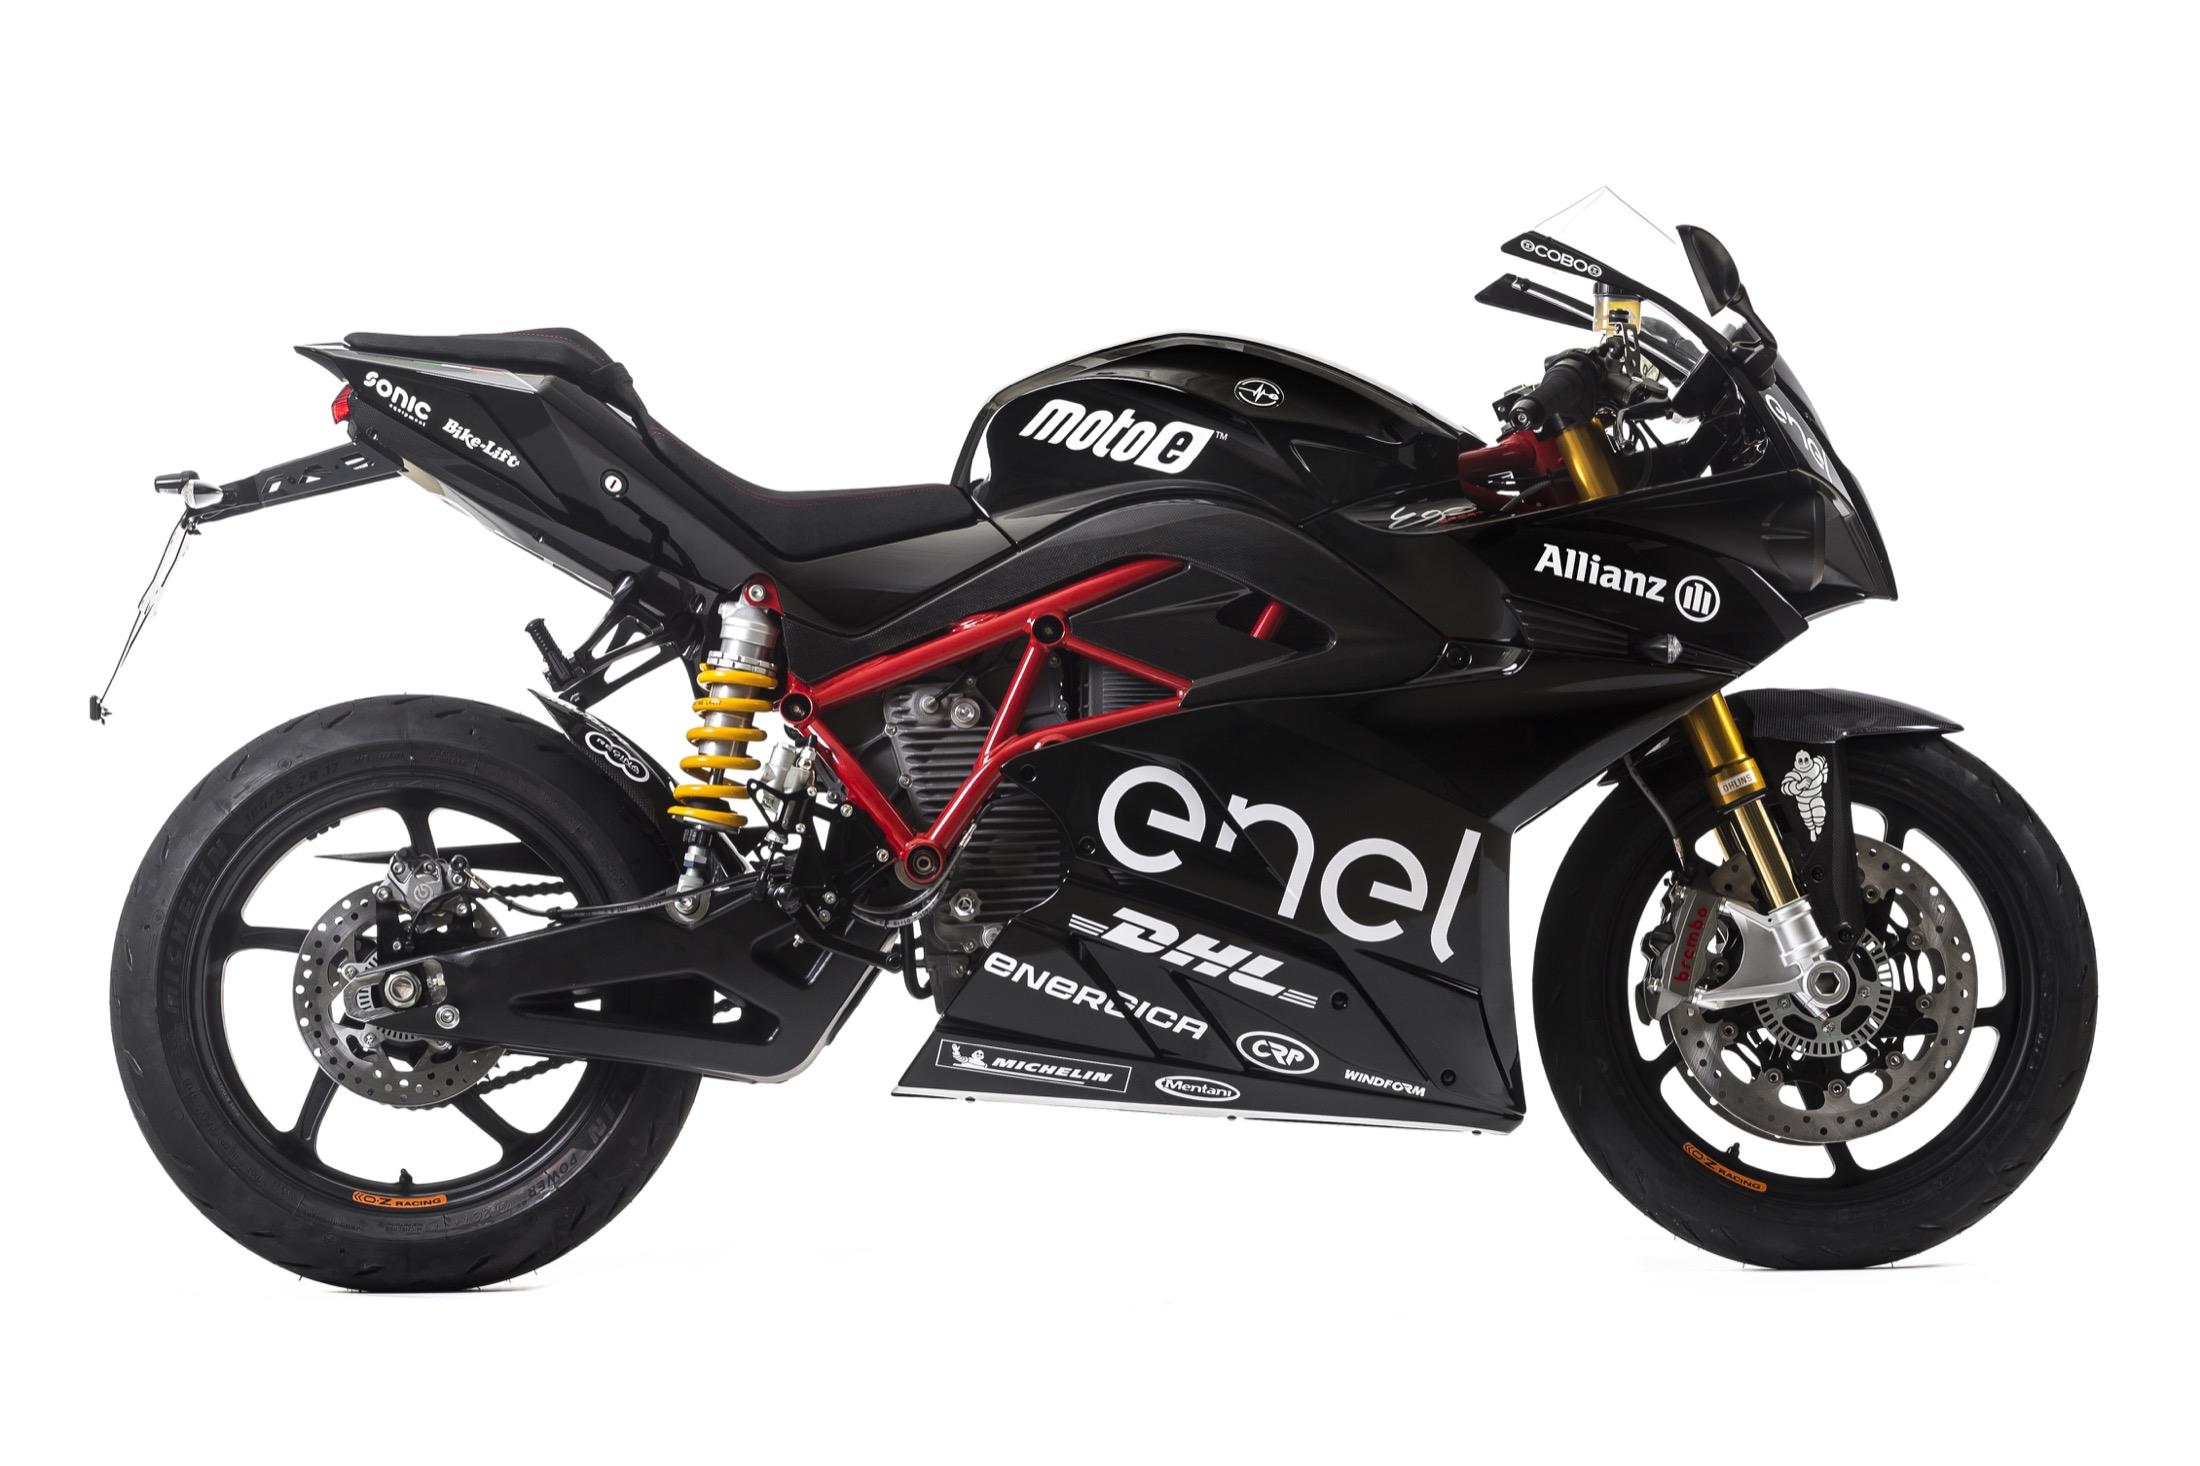 Energica luce MotoE eléctrica de MotoGP en el Intermot de Colonia